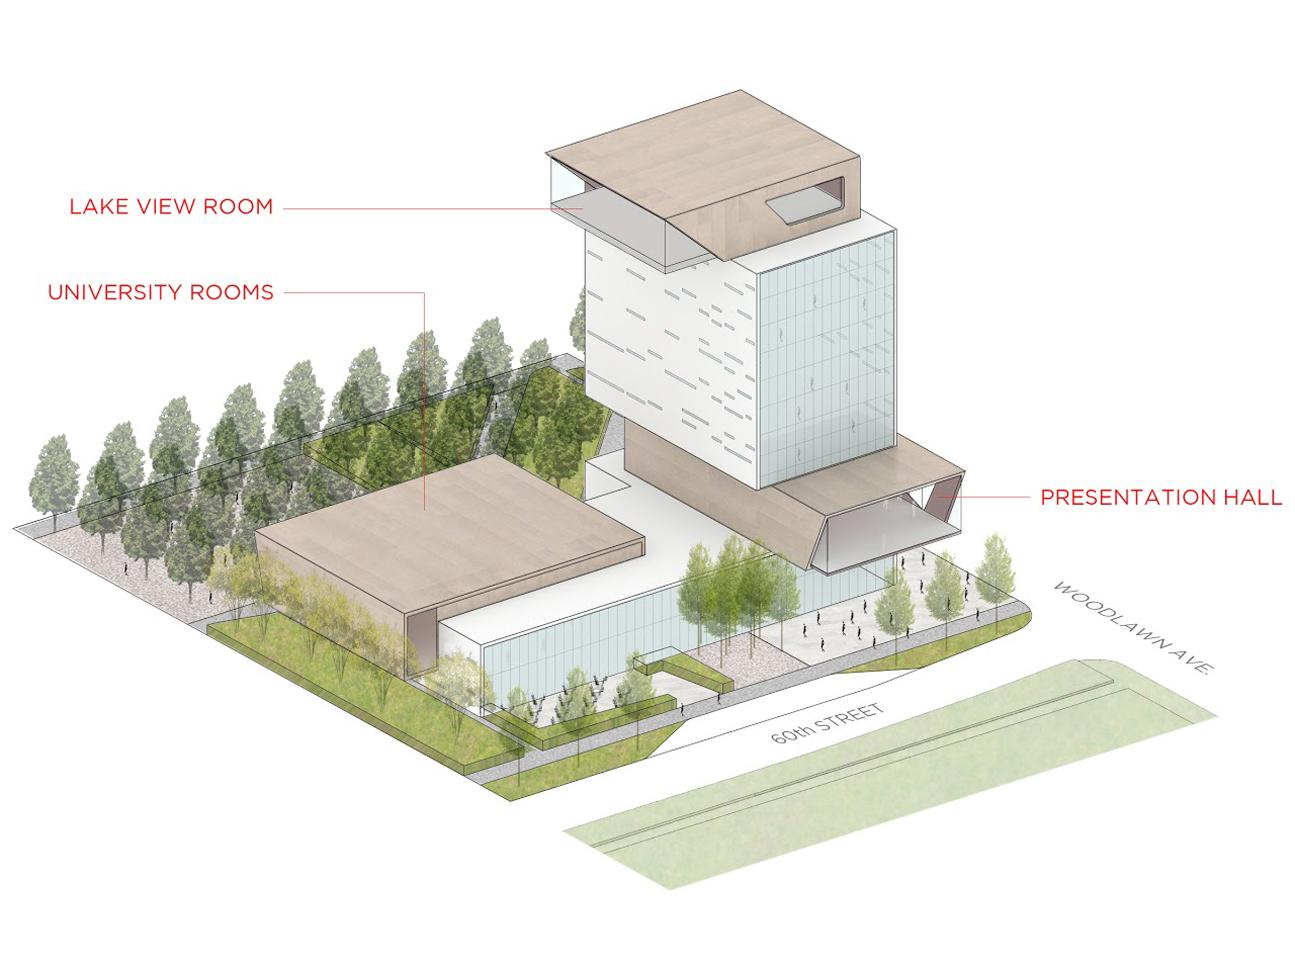 Design Unveiled For The New Rubenstein Forum Uchicago News